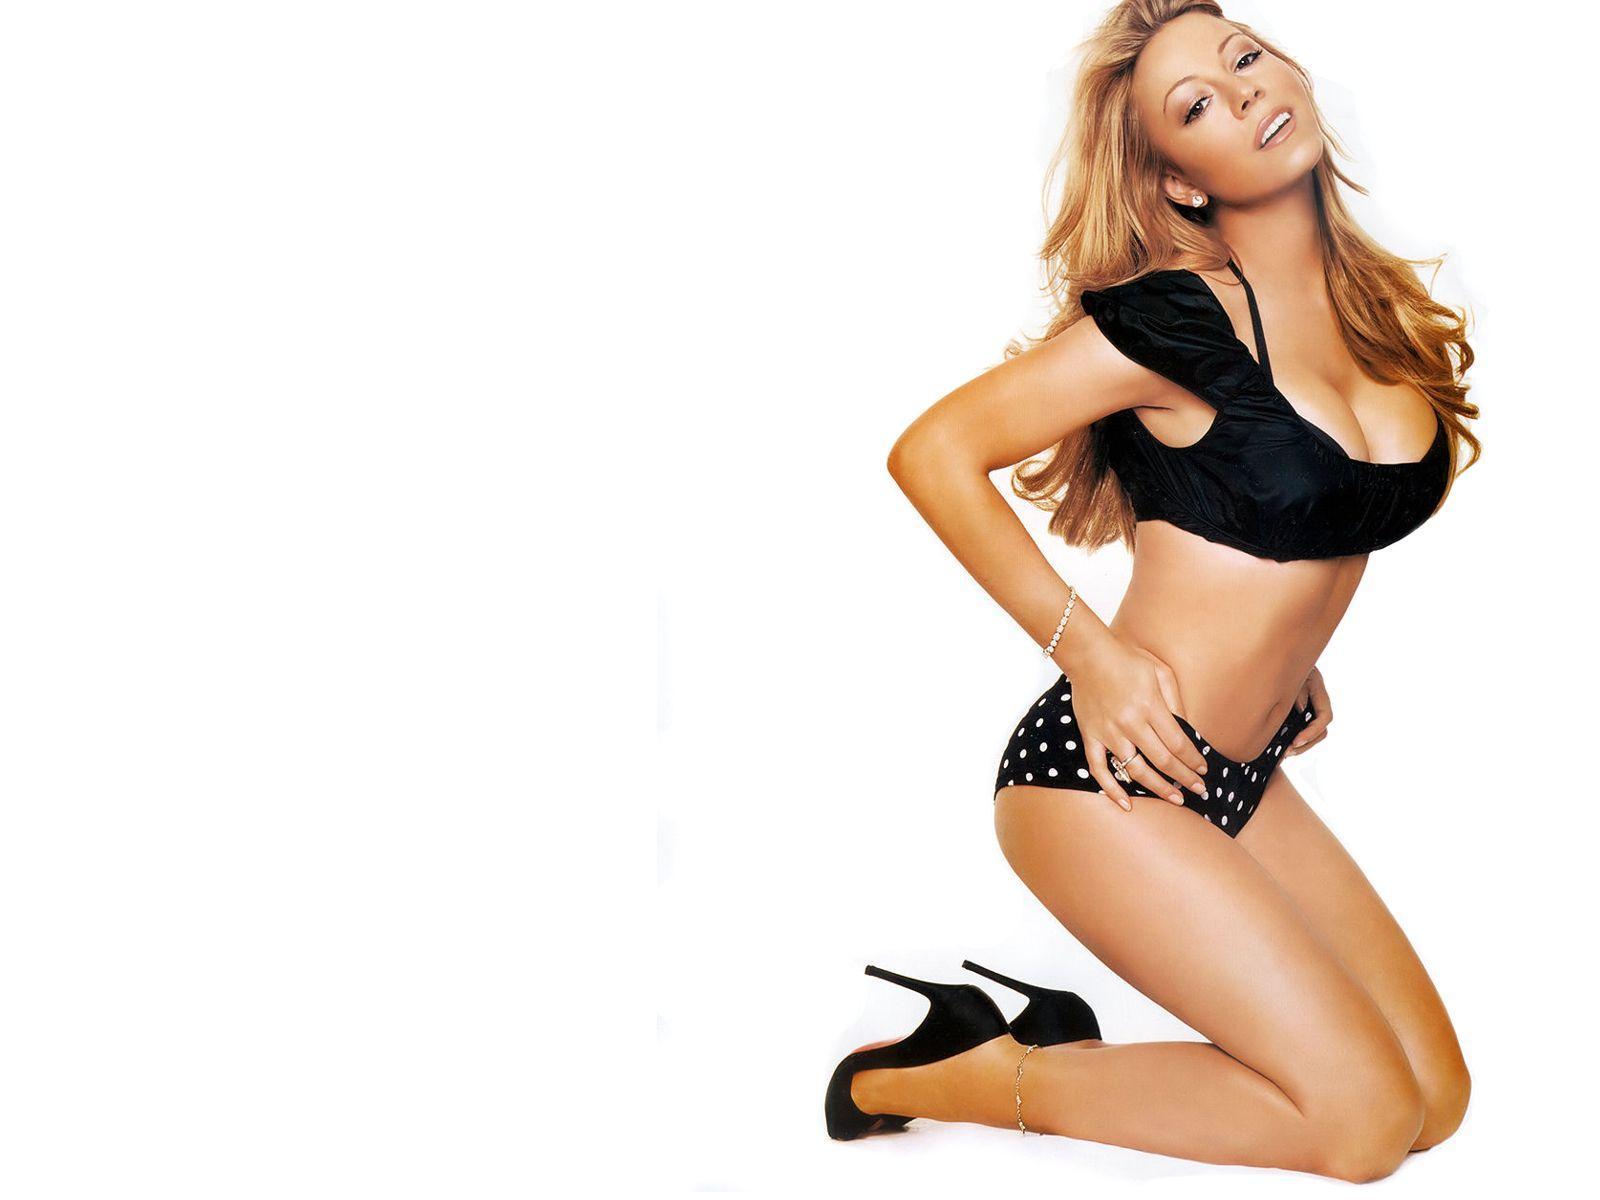 http://1.bp.blogspot.com/-rJN_TLi8_8k/T_btjpSG8WI/AAAAAAAADRY/B-r7EjqU_0A/s1600/Mariah-Carey-13-1.jpeg